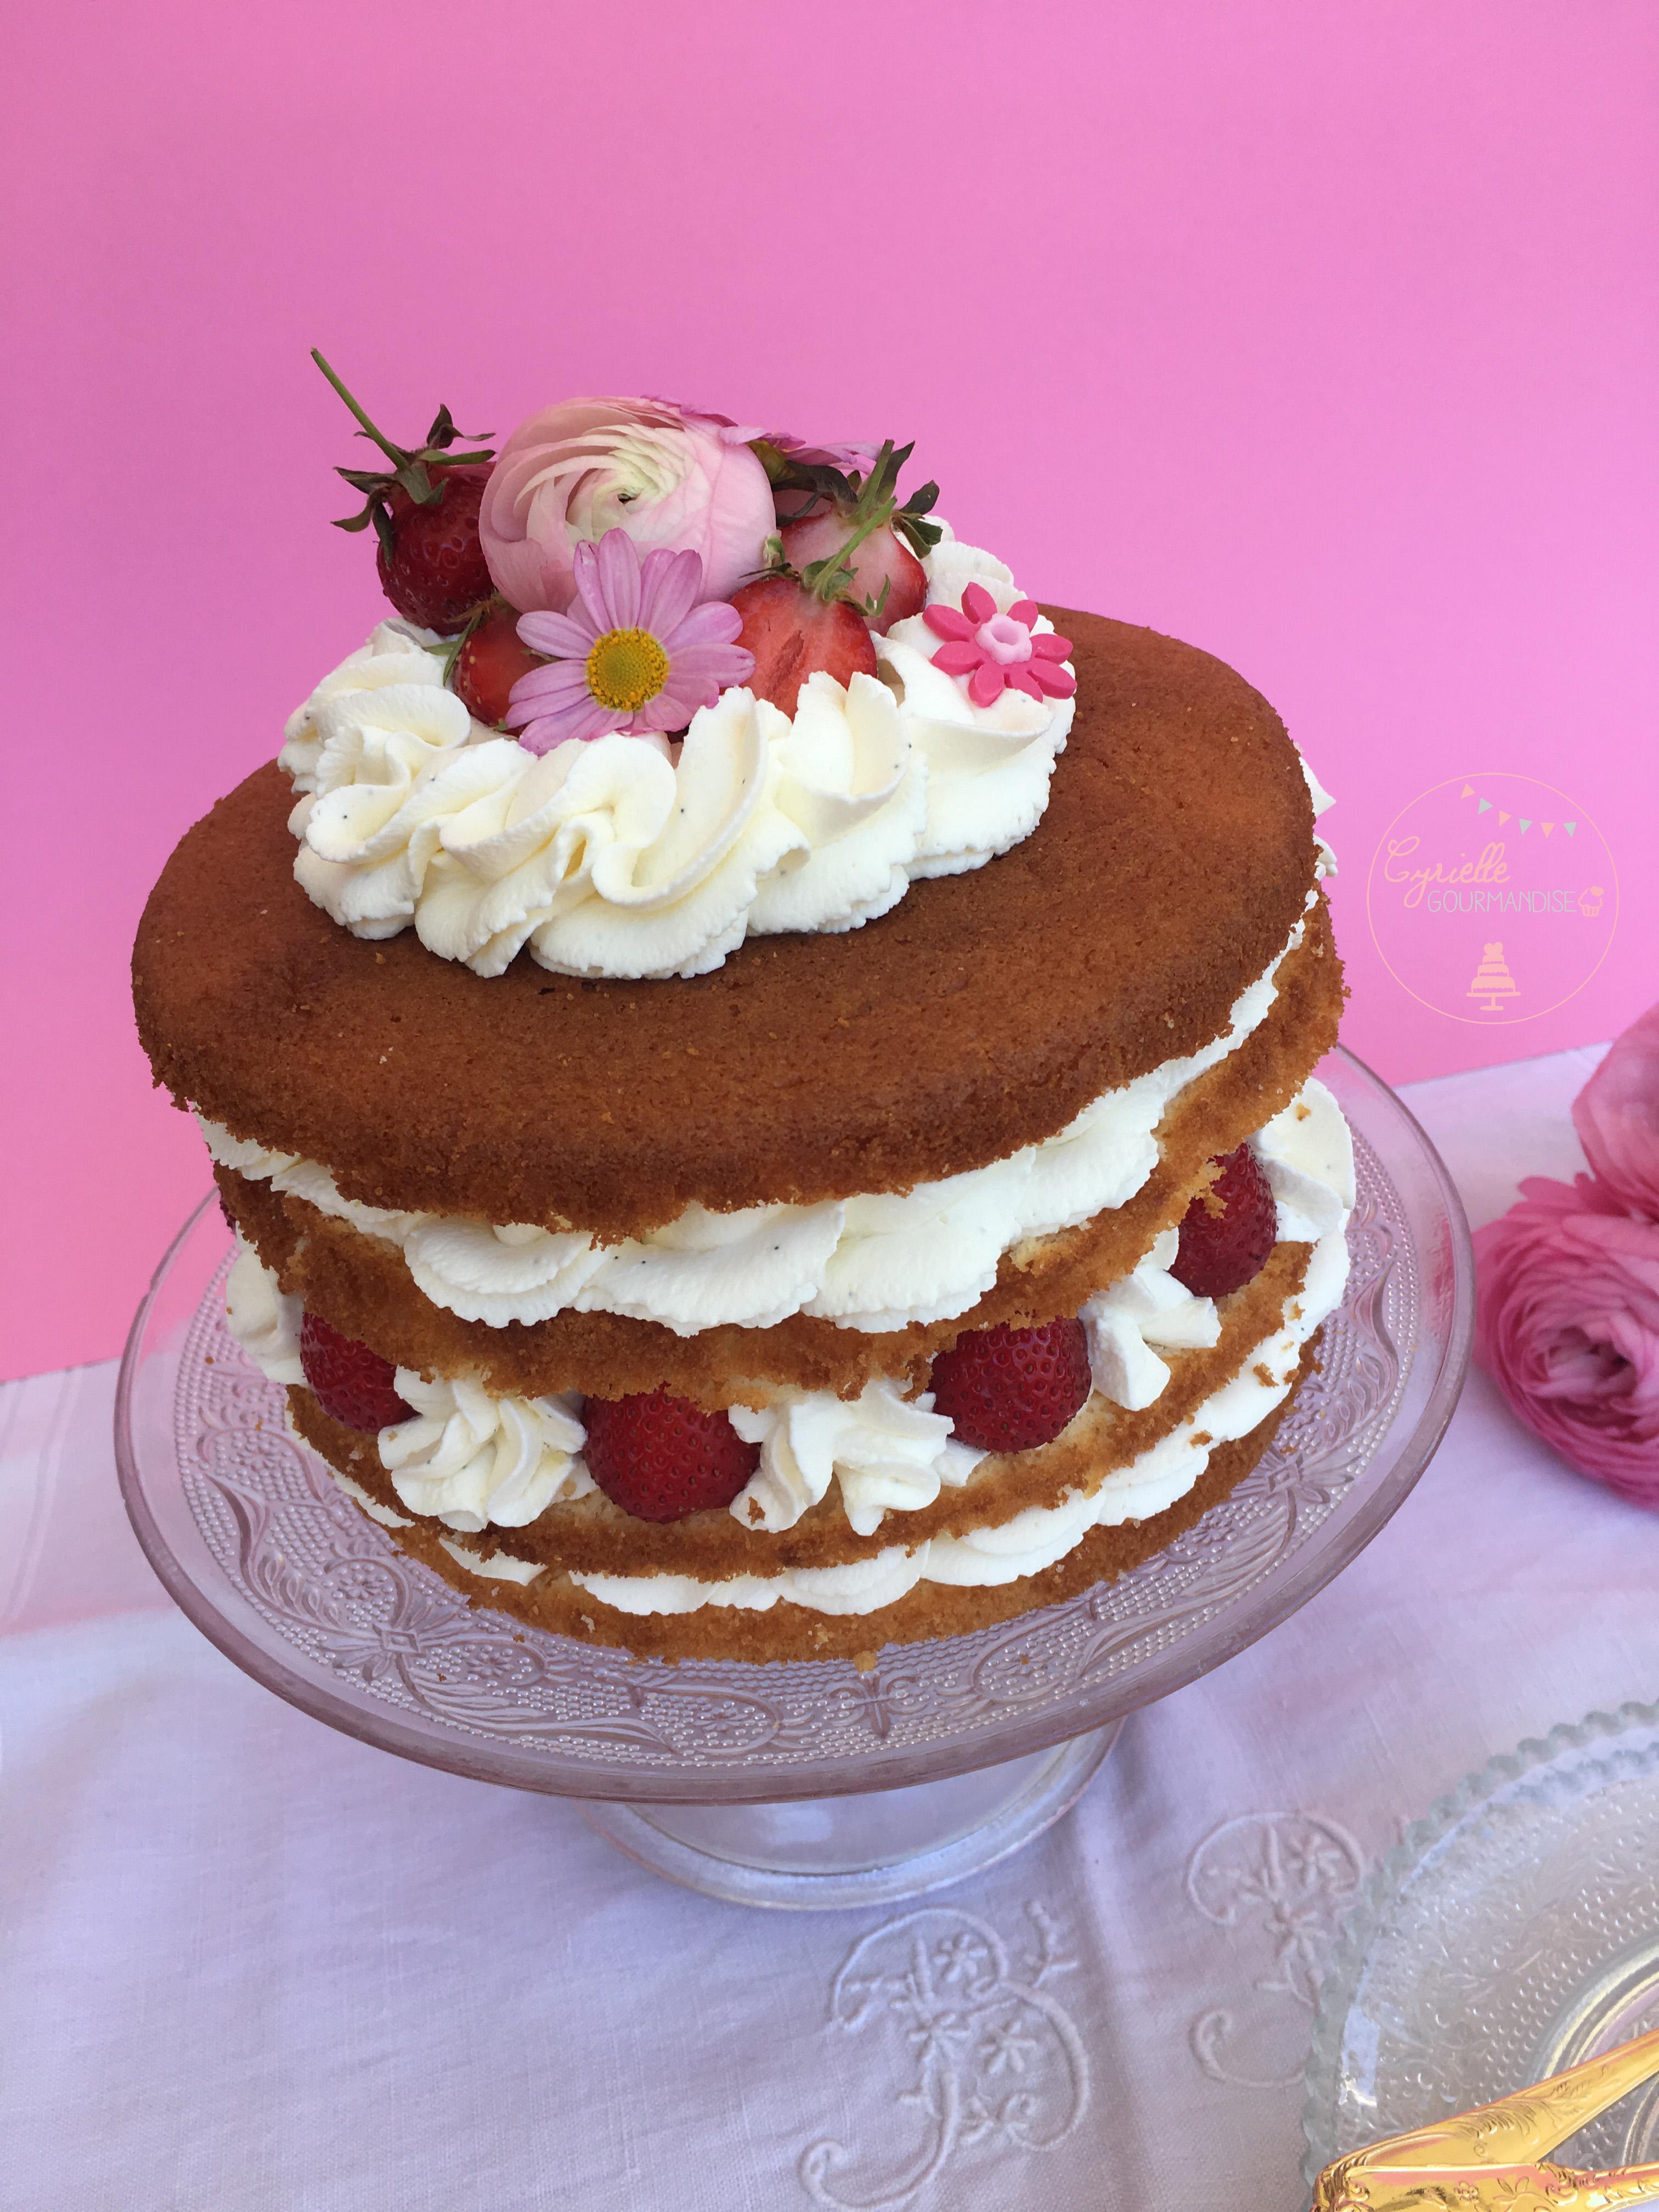 Naked Chiffon Cake Fraise Rhubarbe Vanille 2